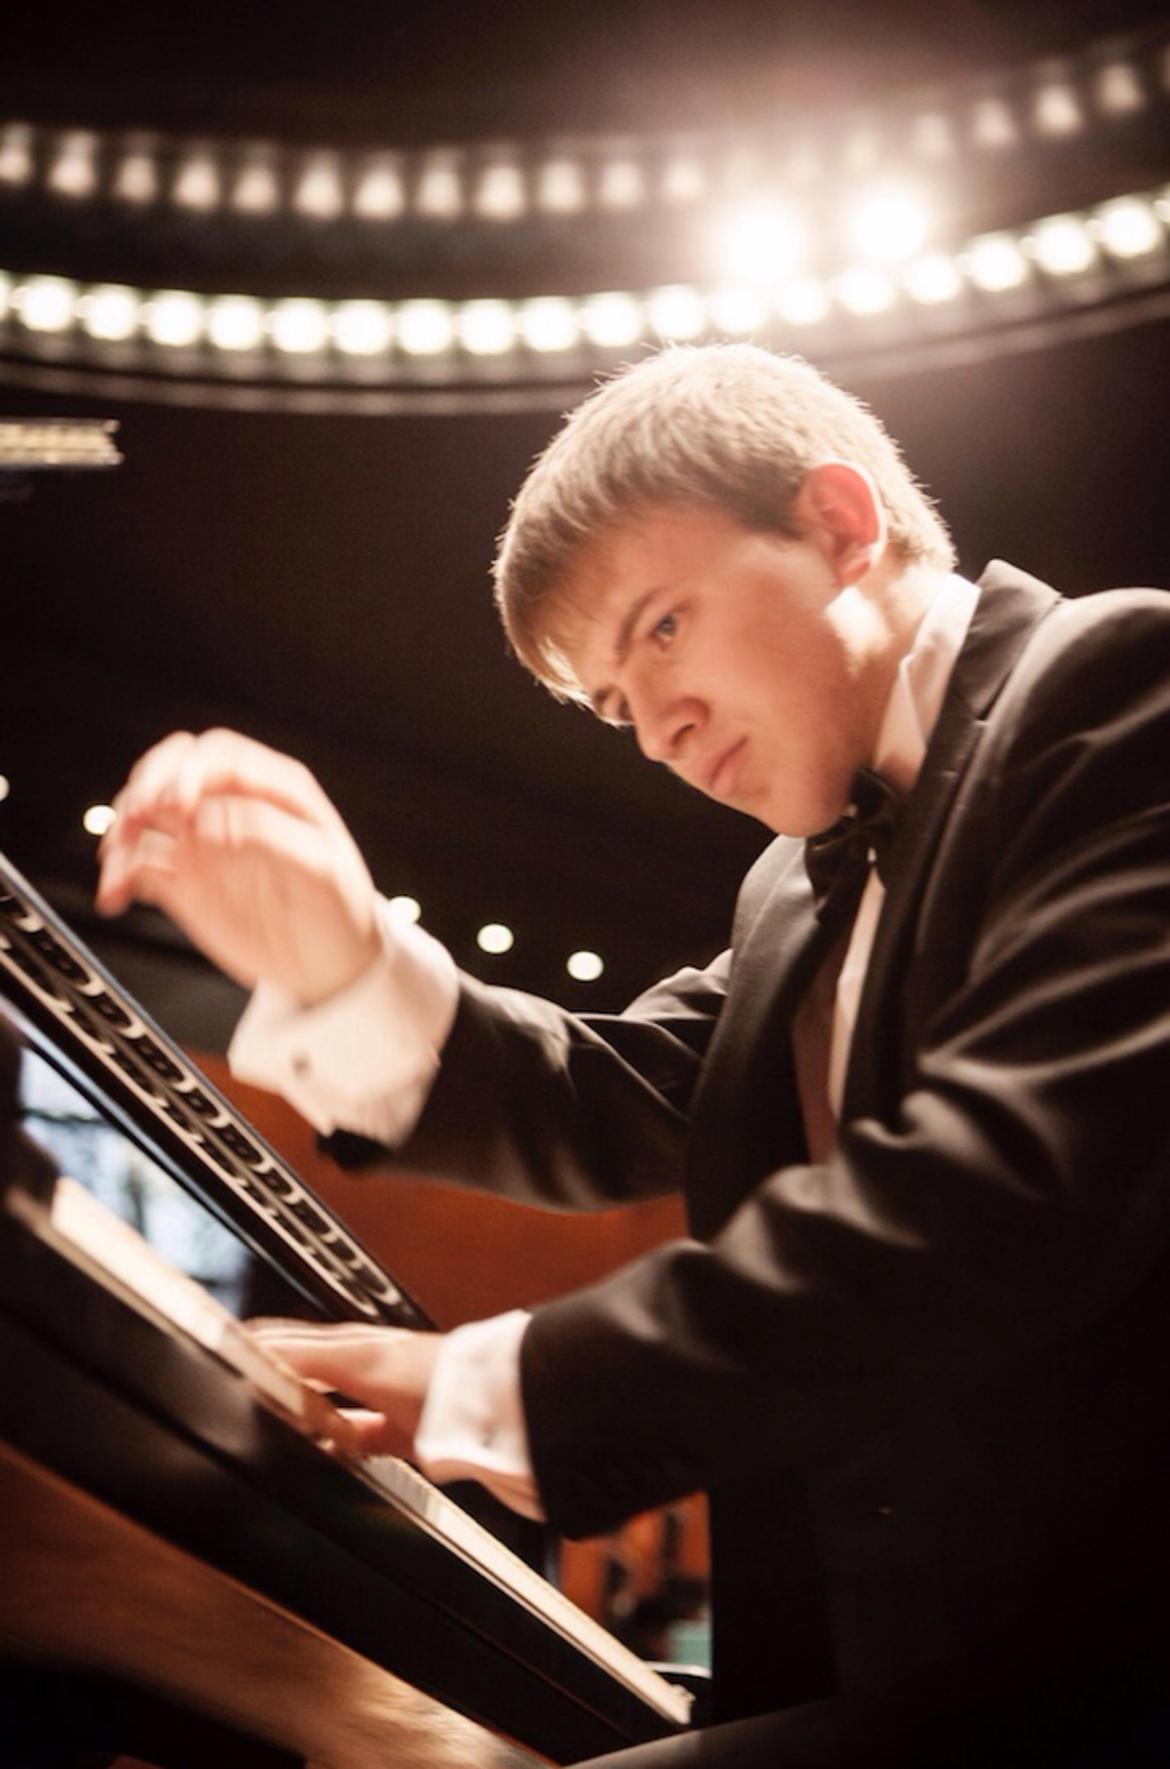 Kawai a ledro rende omaggio a beethoven for Compositore tedesco della musica da tavola